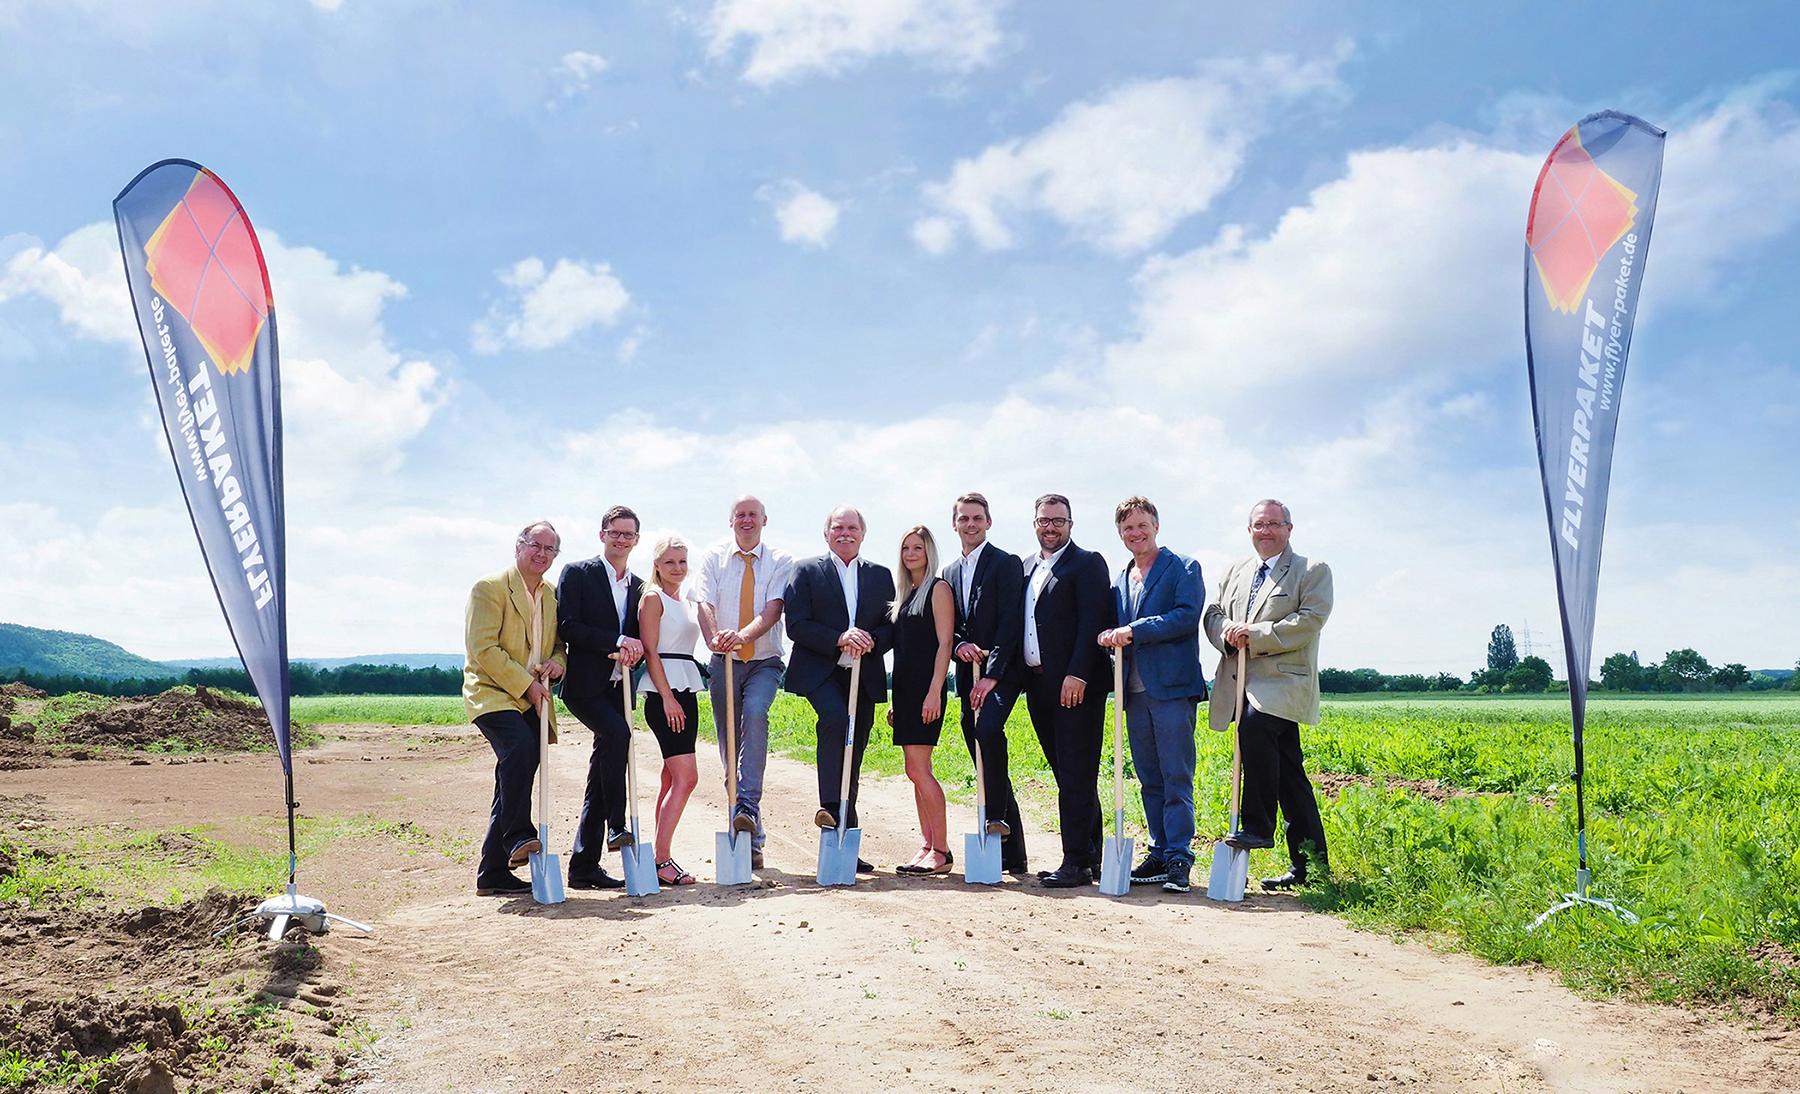 Spatenstich in Knetzgau für das neue Produktionsgebäude der Firma Flyerpaket GmbH